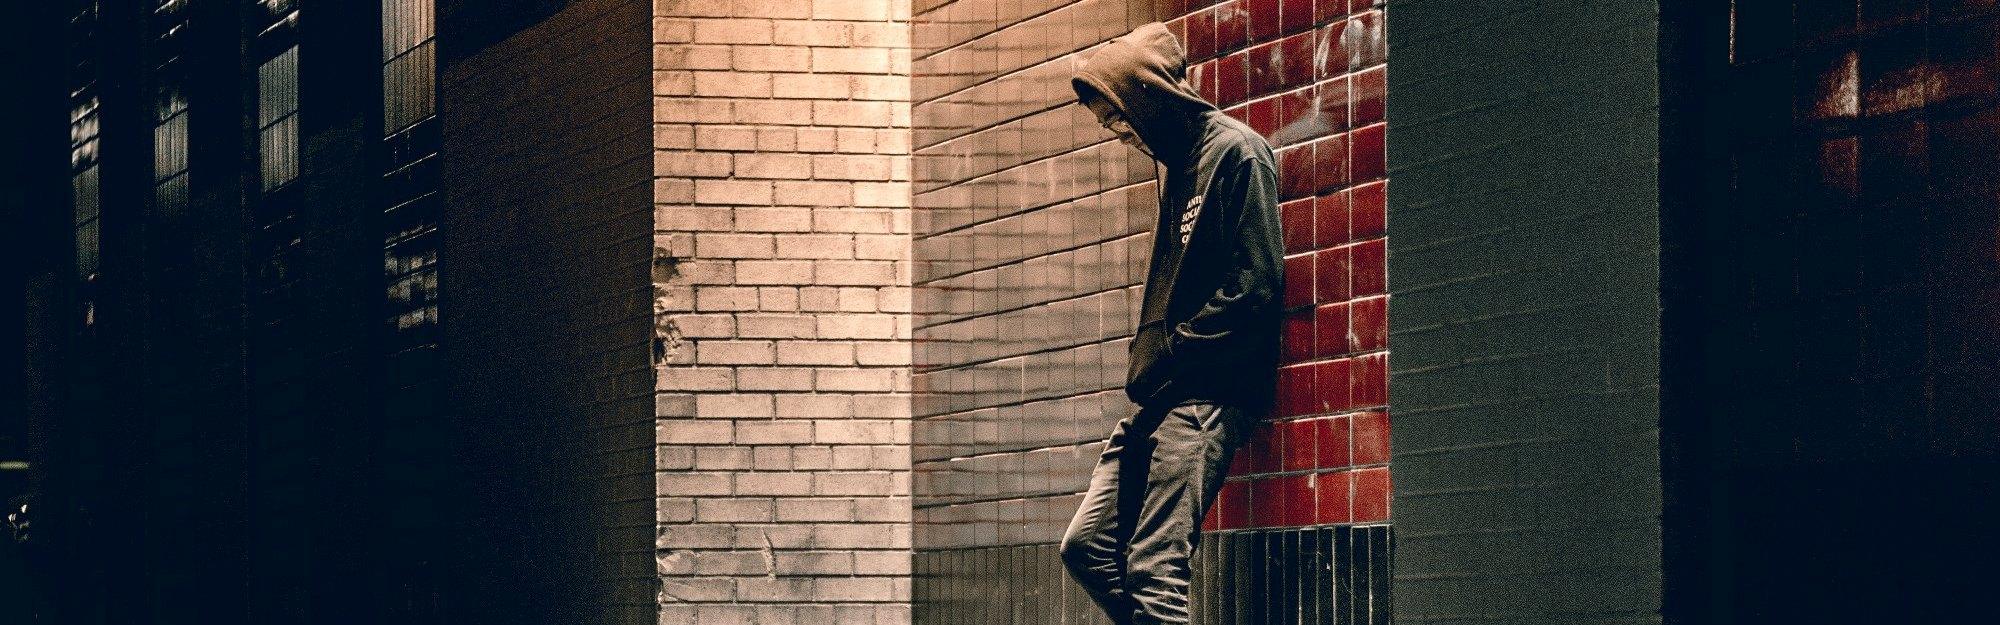 Bijna de helft van de jongeren voelt zich eenzaam